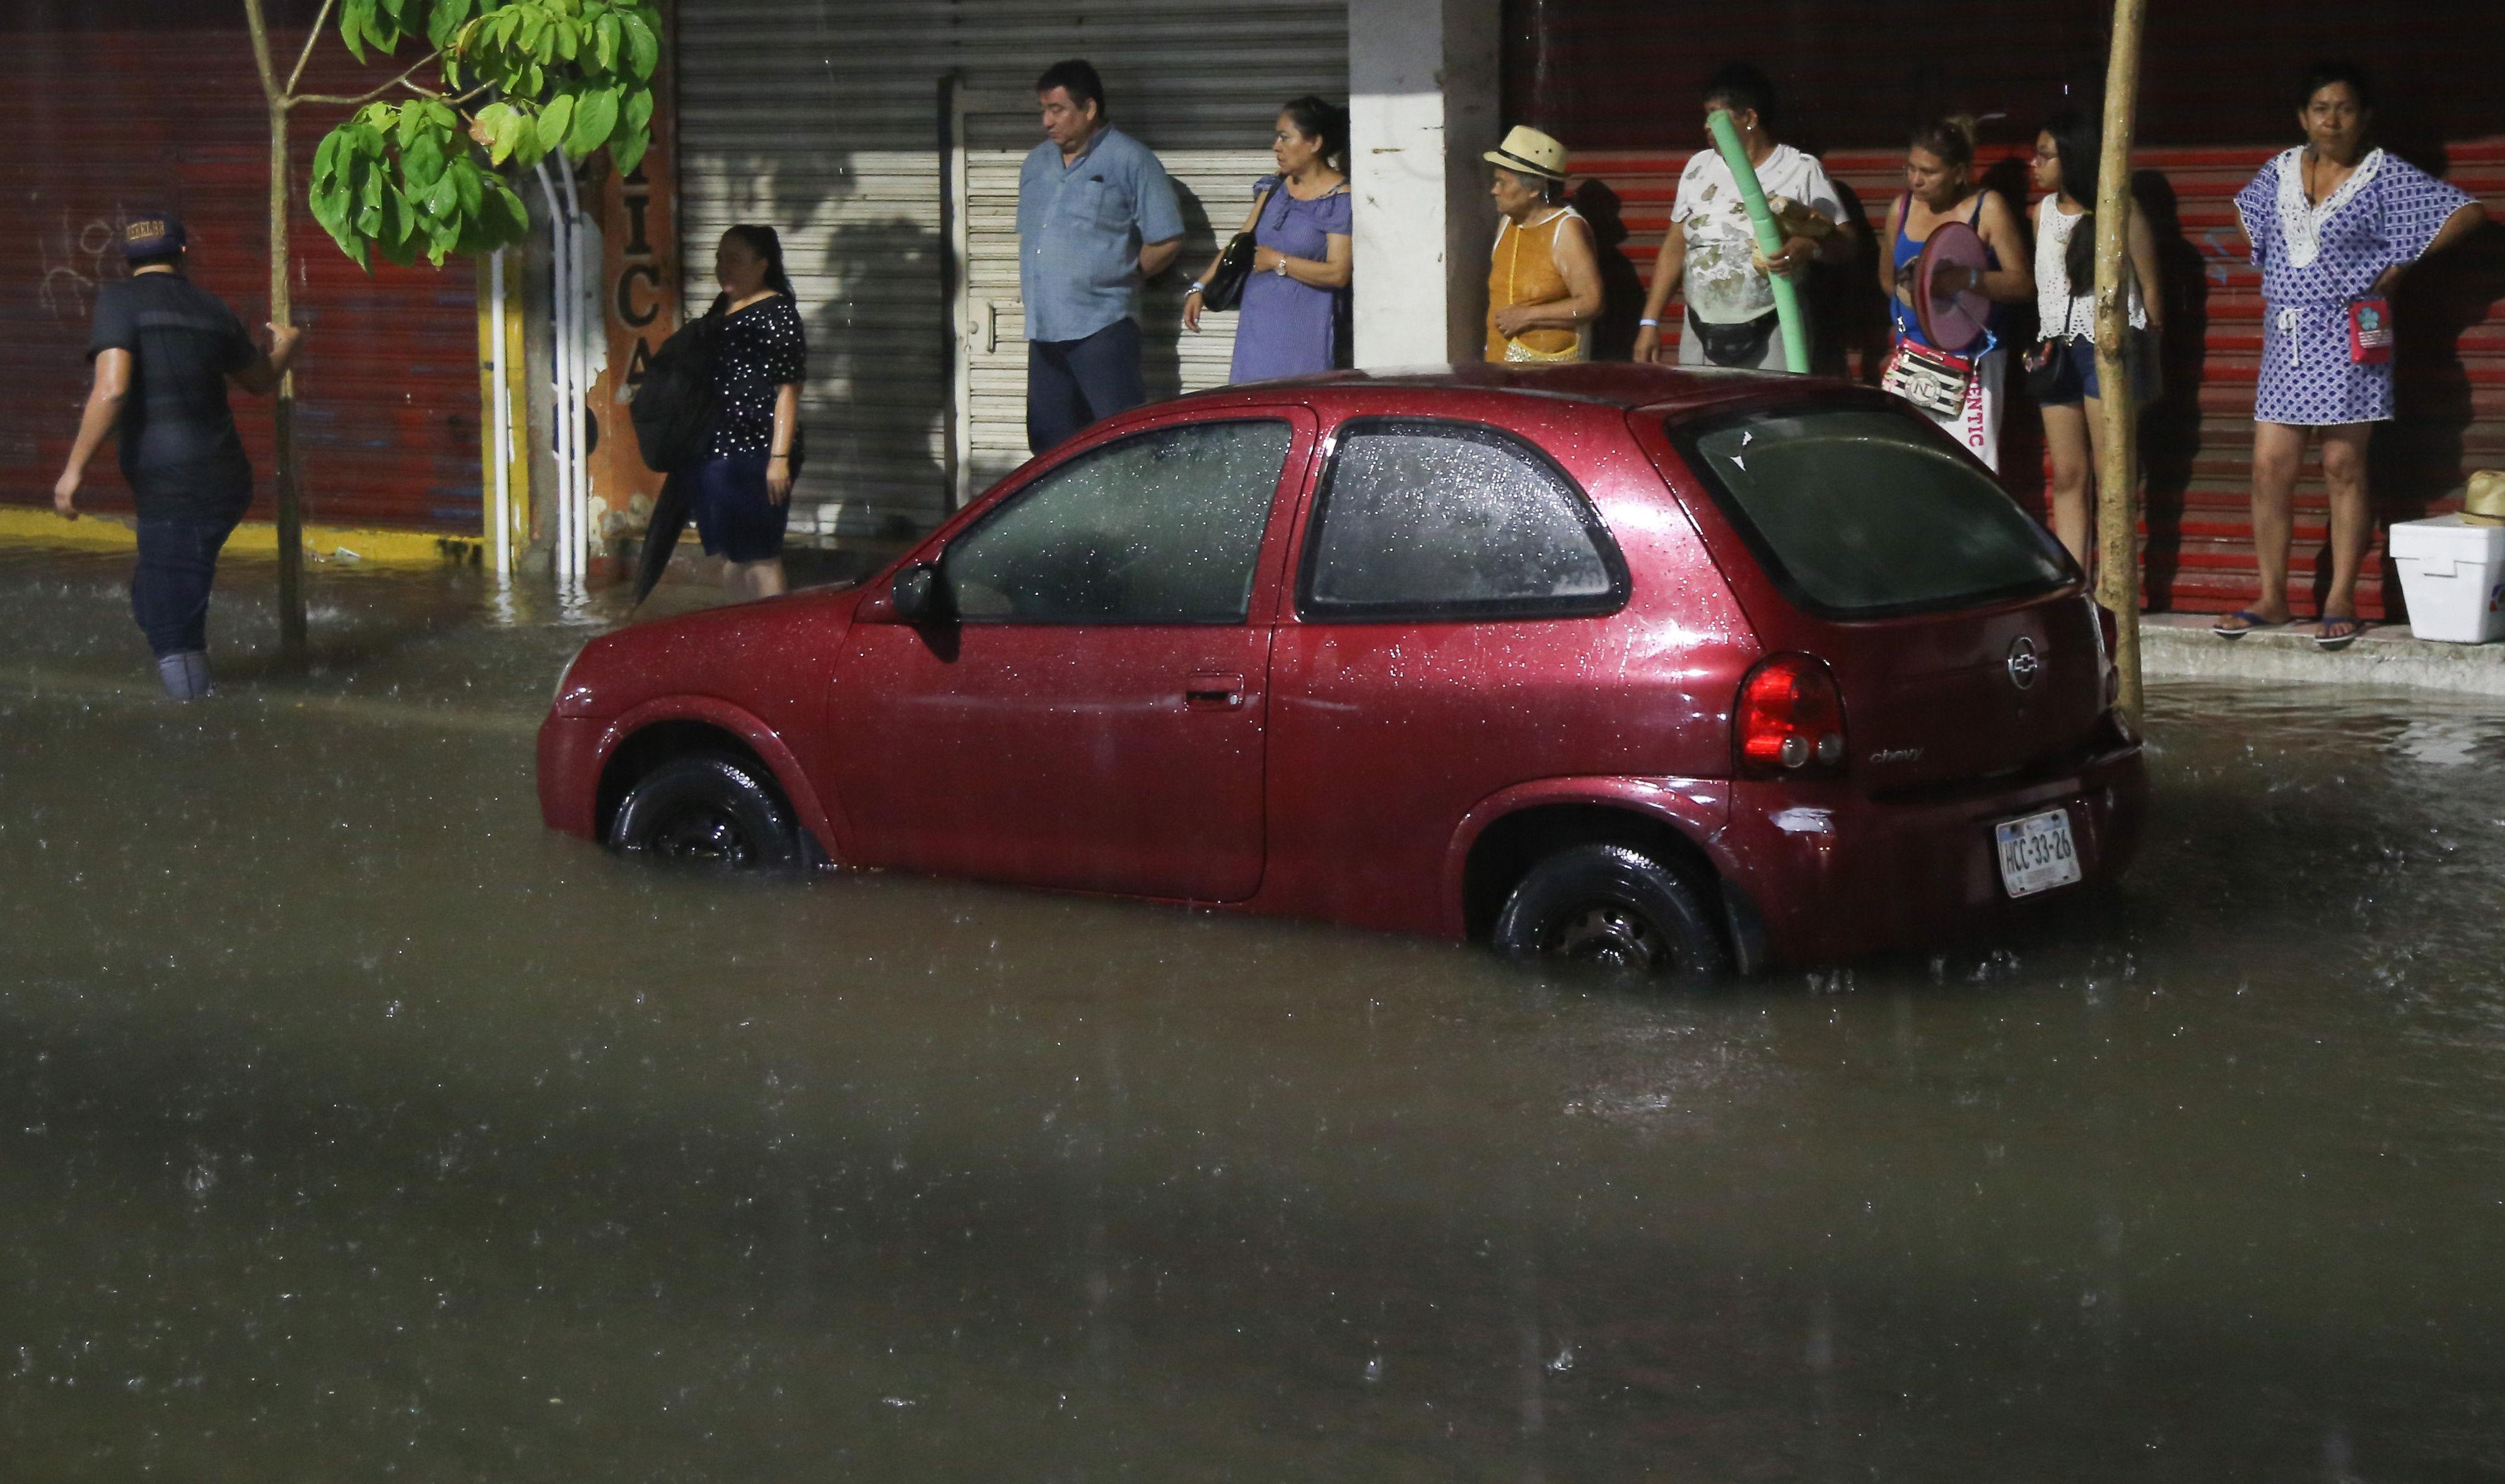 Un grupo de personas se cobijan de la lluvia, en una calle inundada, en el puerto de Acapulco, en el estado de Guerrero. (EFE/David Guzmán)